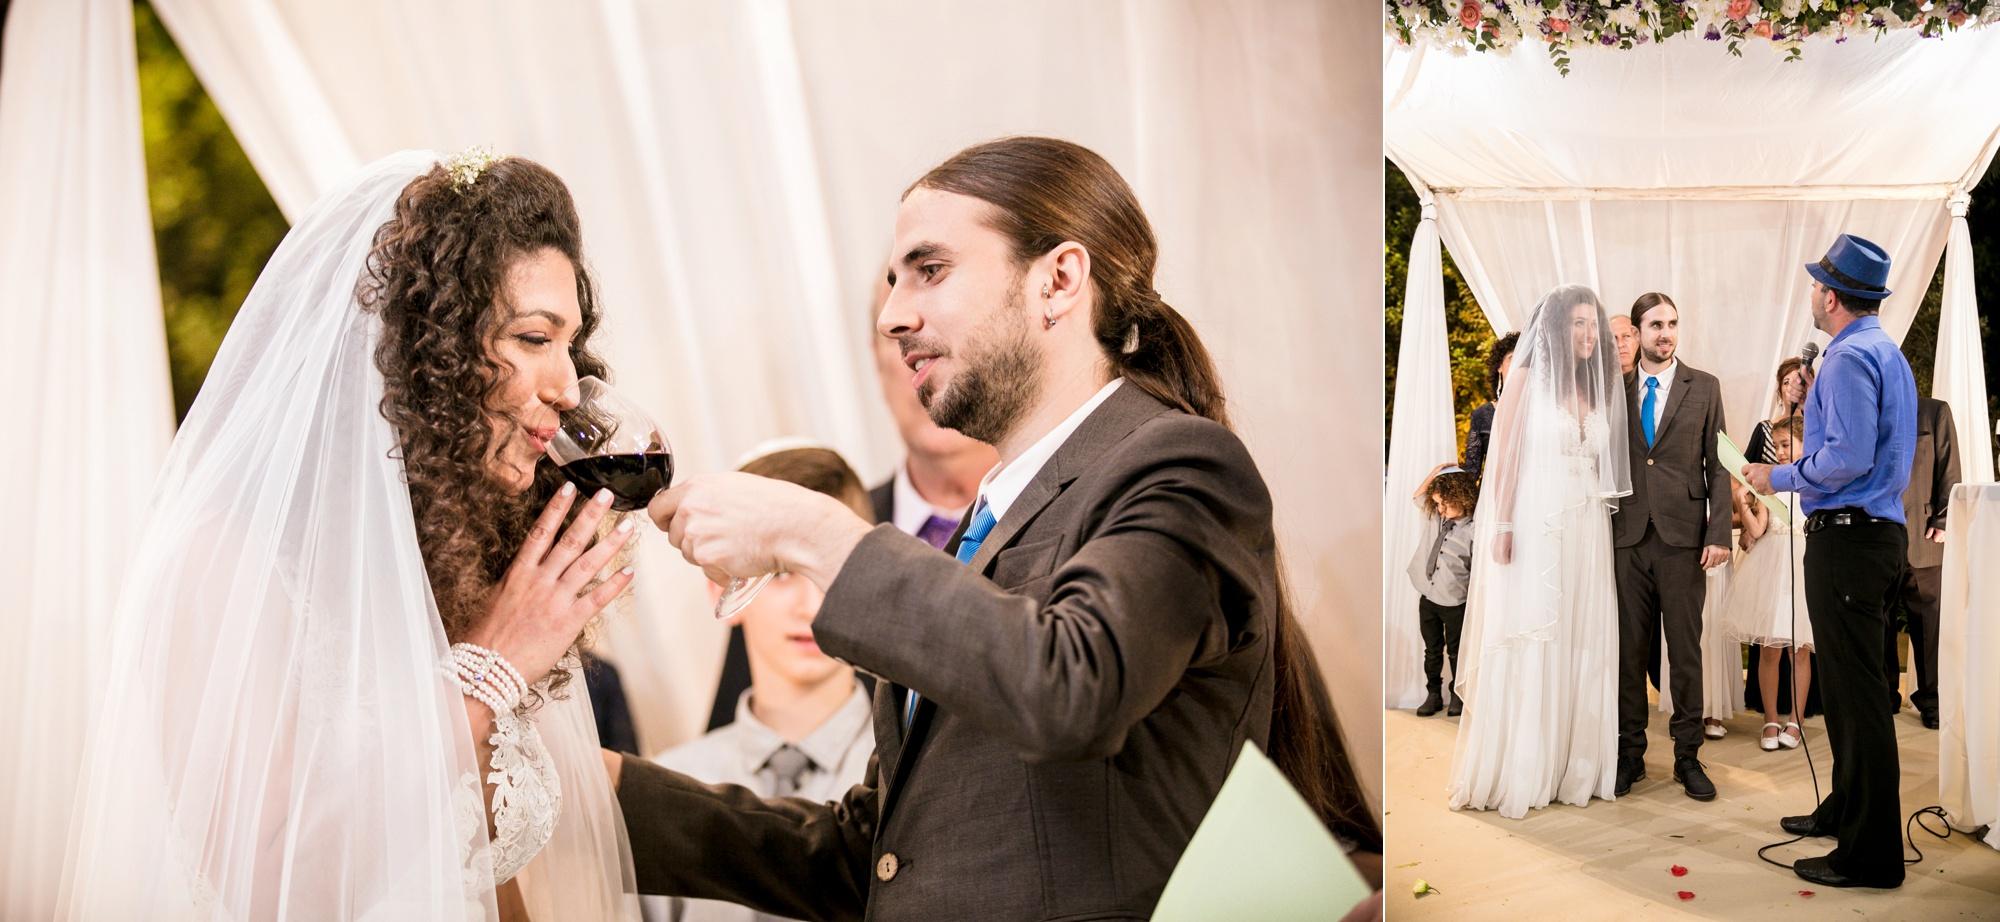 Yael&Harel-143.jpg